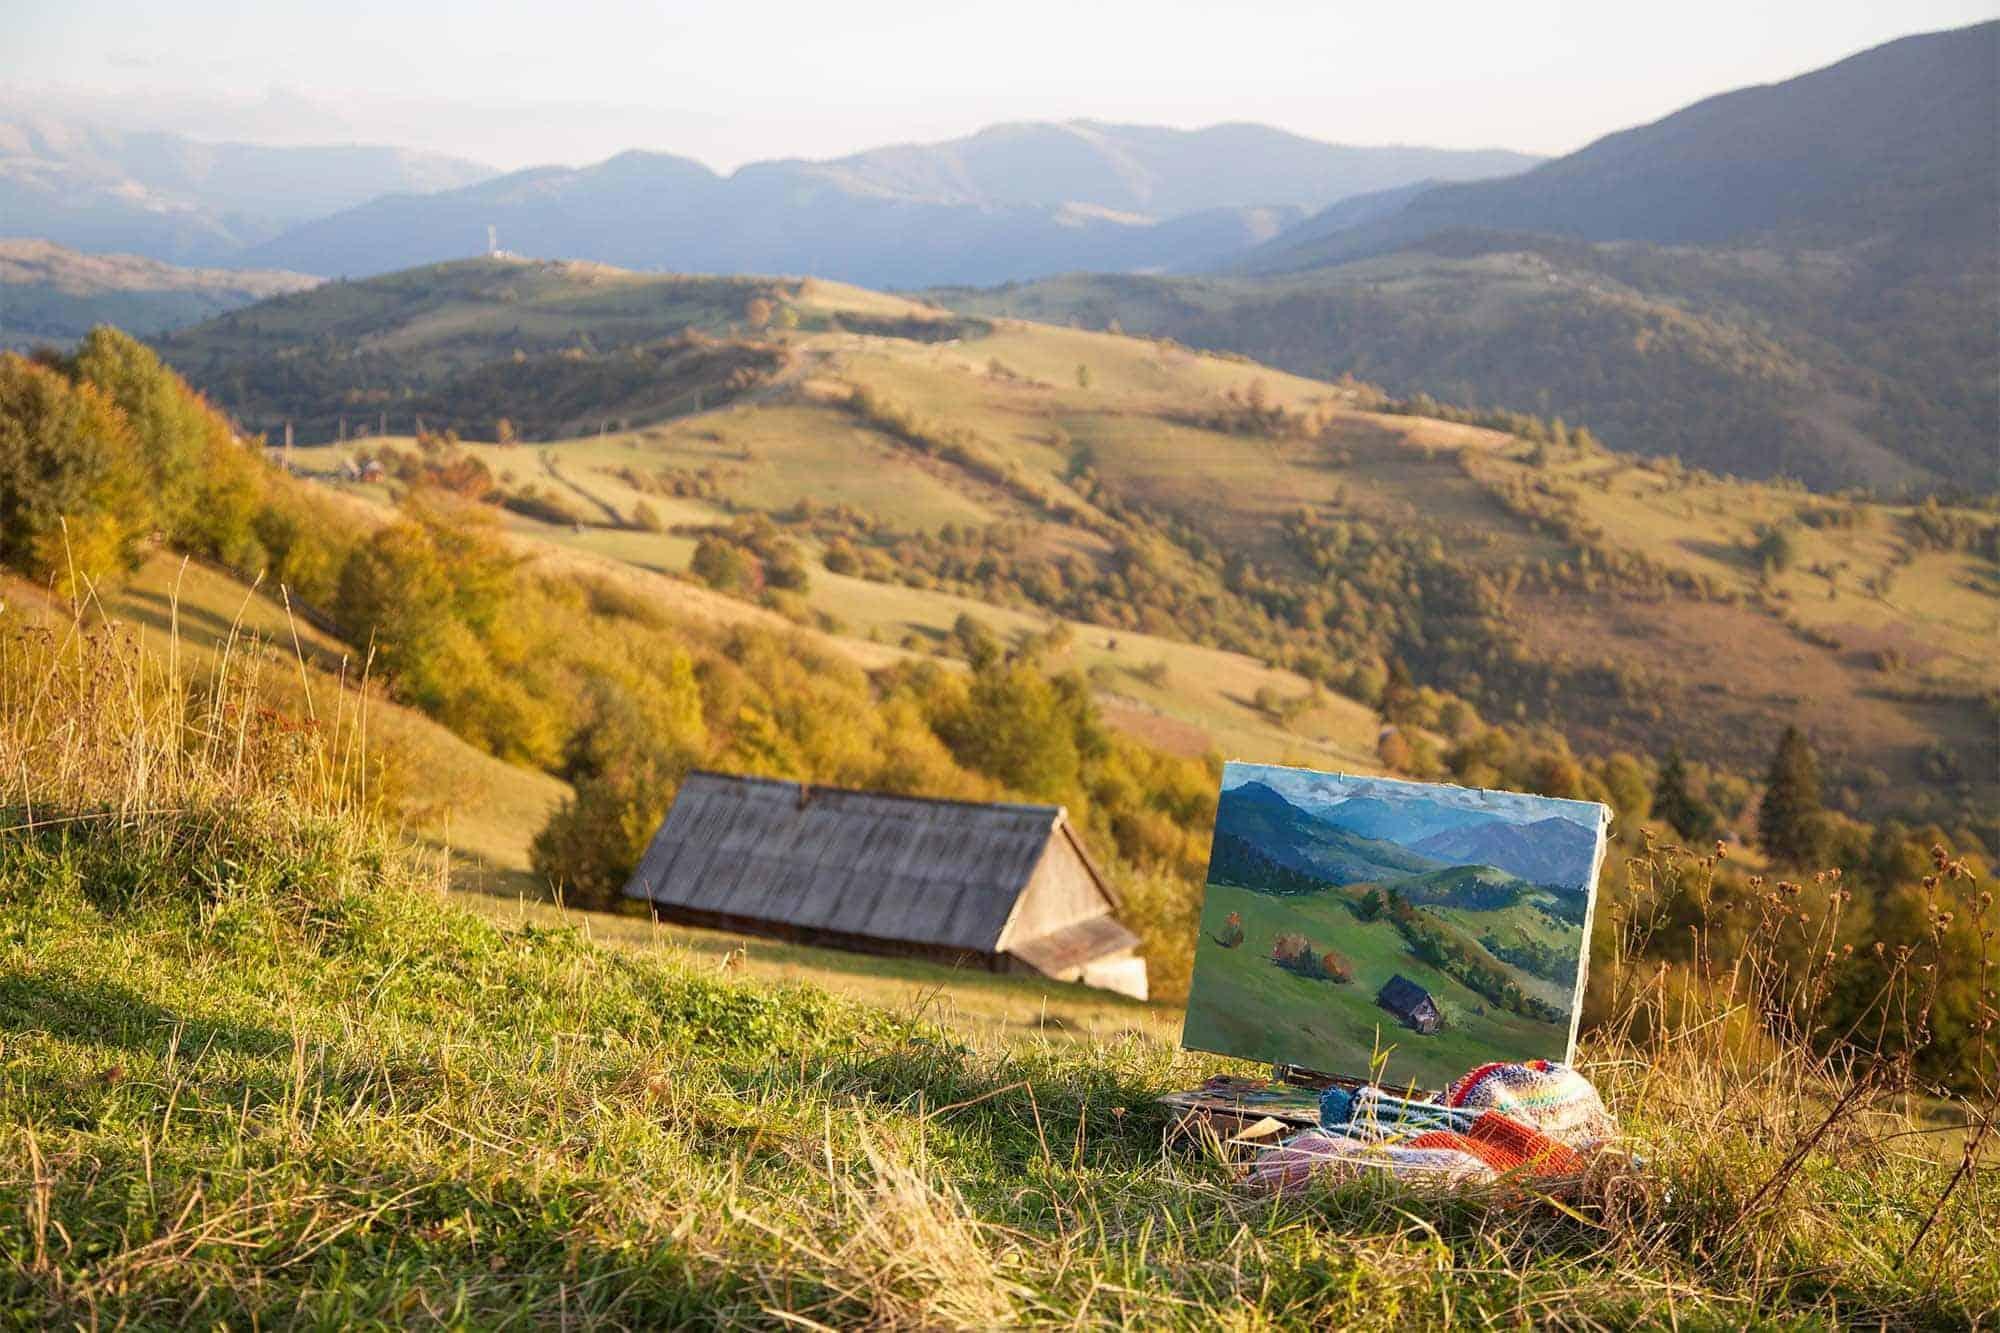 Bilder malen lassen nach Vorlage landschaft künstler auftragsmalerei